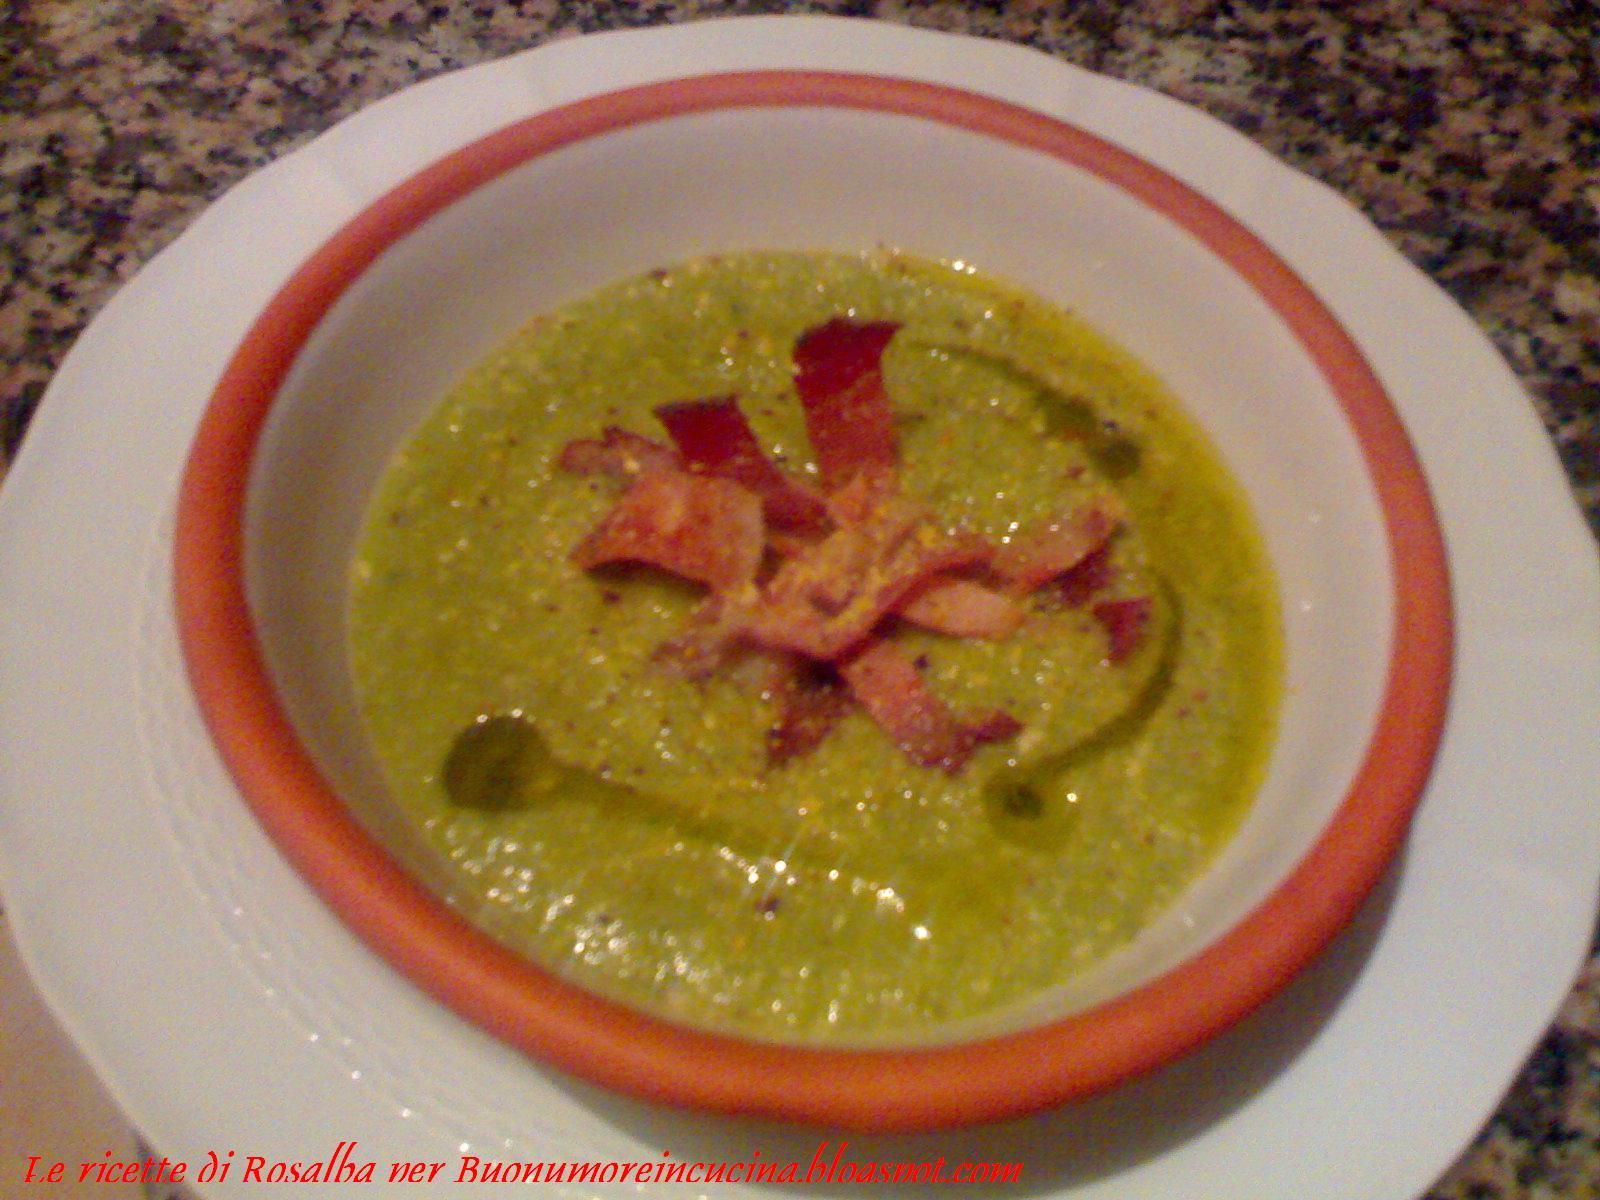 Buonumore In Cucina Vellutata Di Zucchine Con Speck Croccante E